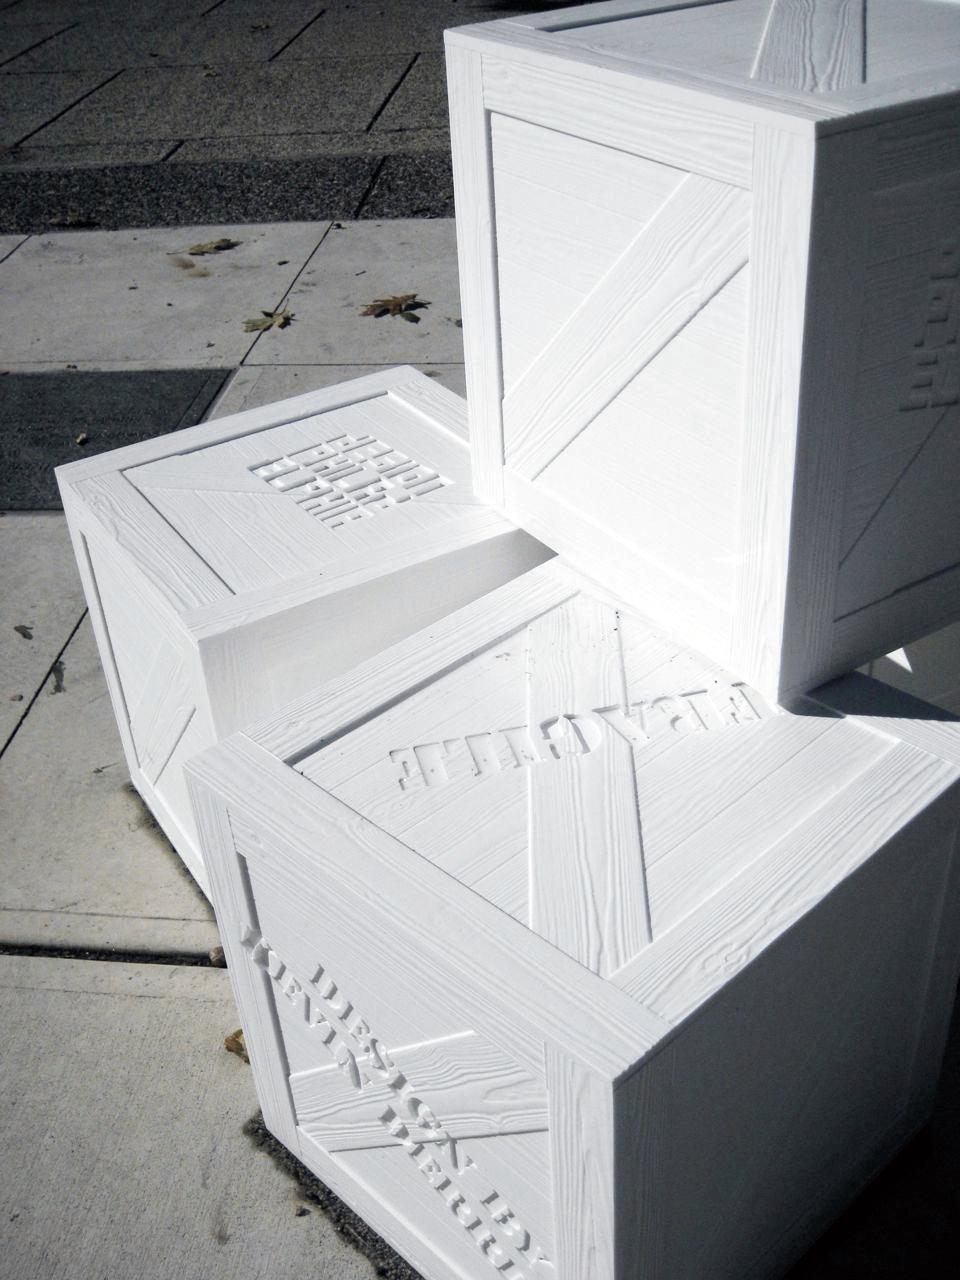 corian-proposal-kderrick-2-concept-web.jpg